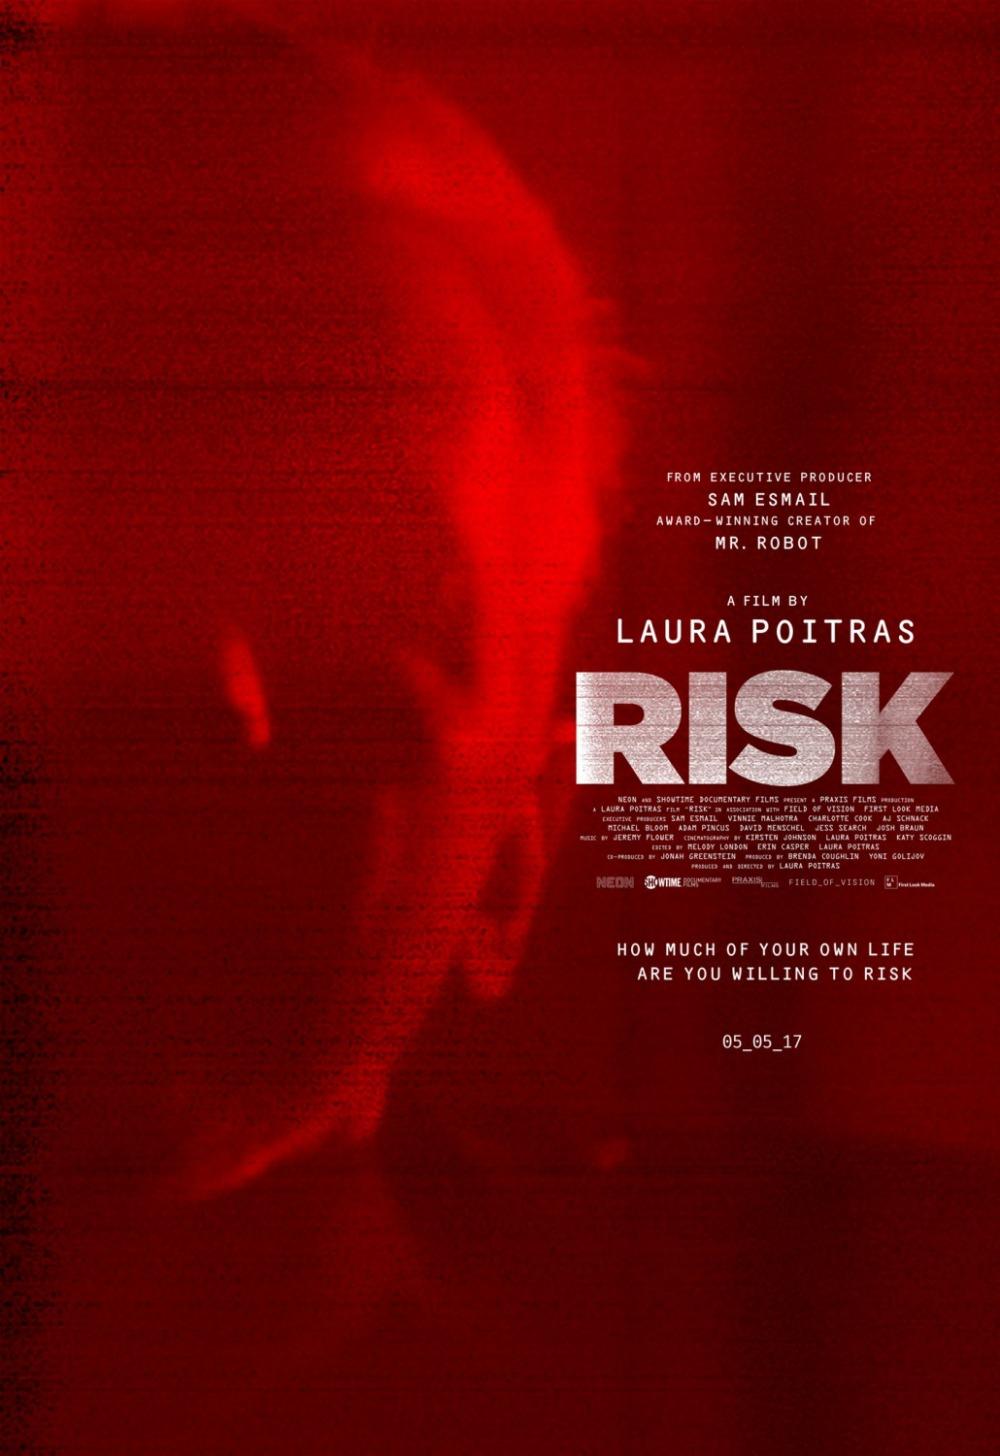 Risk documentary poster